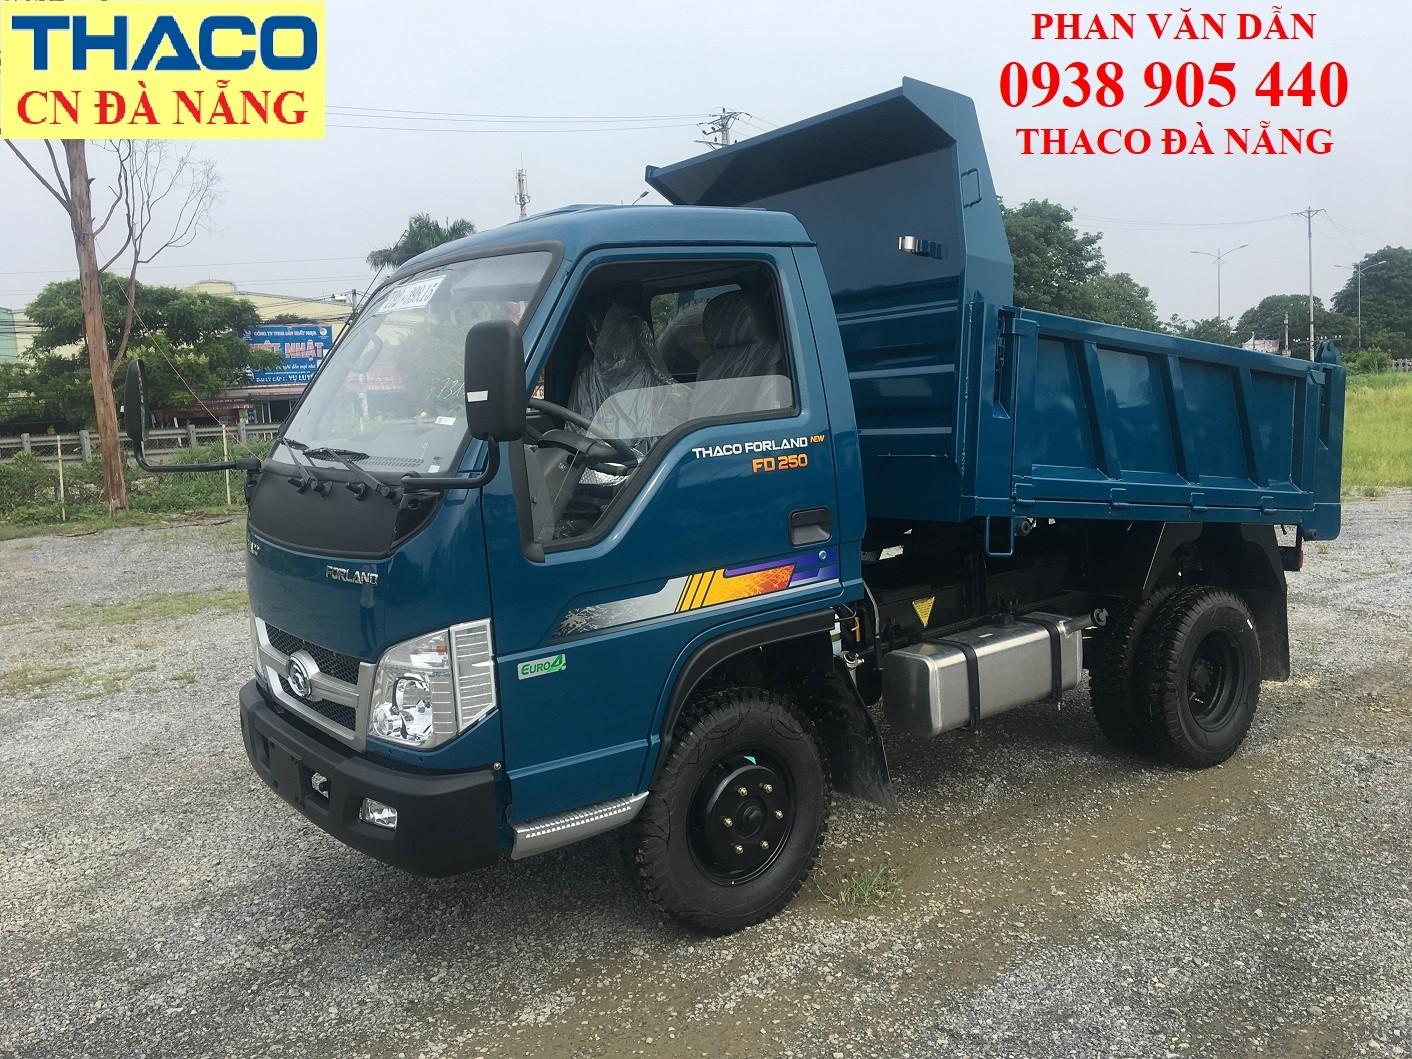 Cần bán xe ben Thaco thùng 2 khối tải trọng 2.49 tấn vào phố, hỗ trợ trả góp lên đến 70% giá trị xe